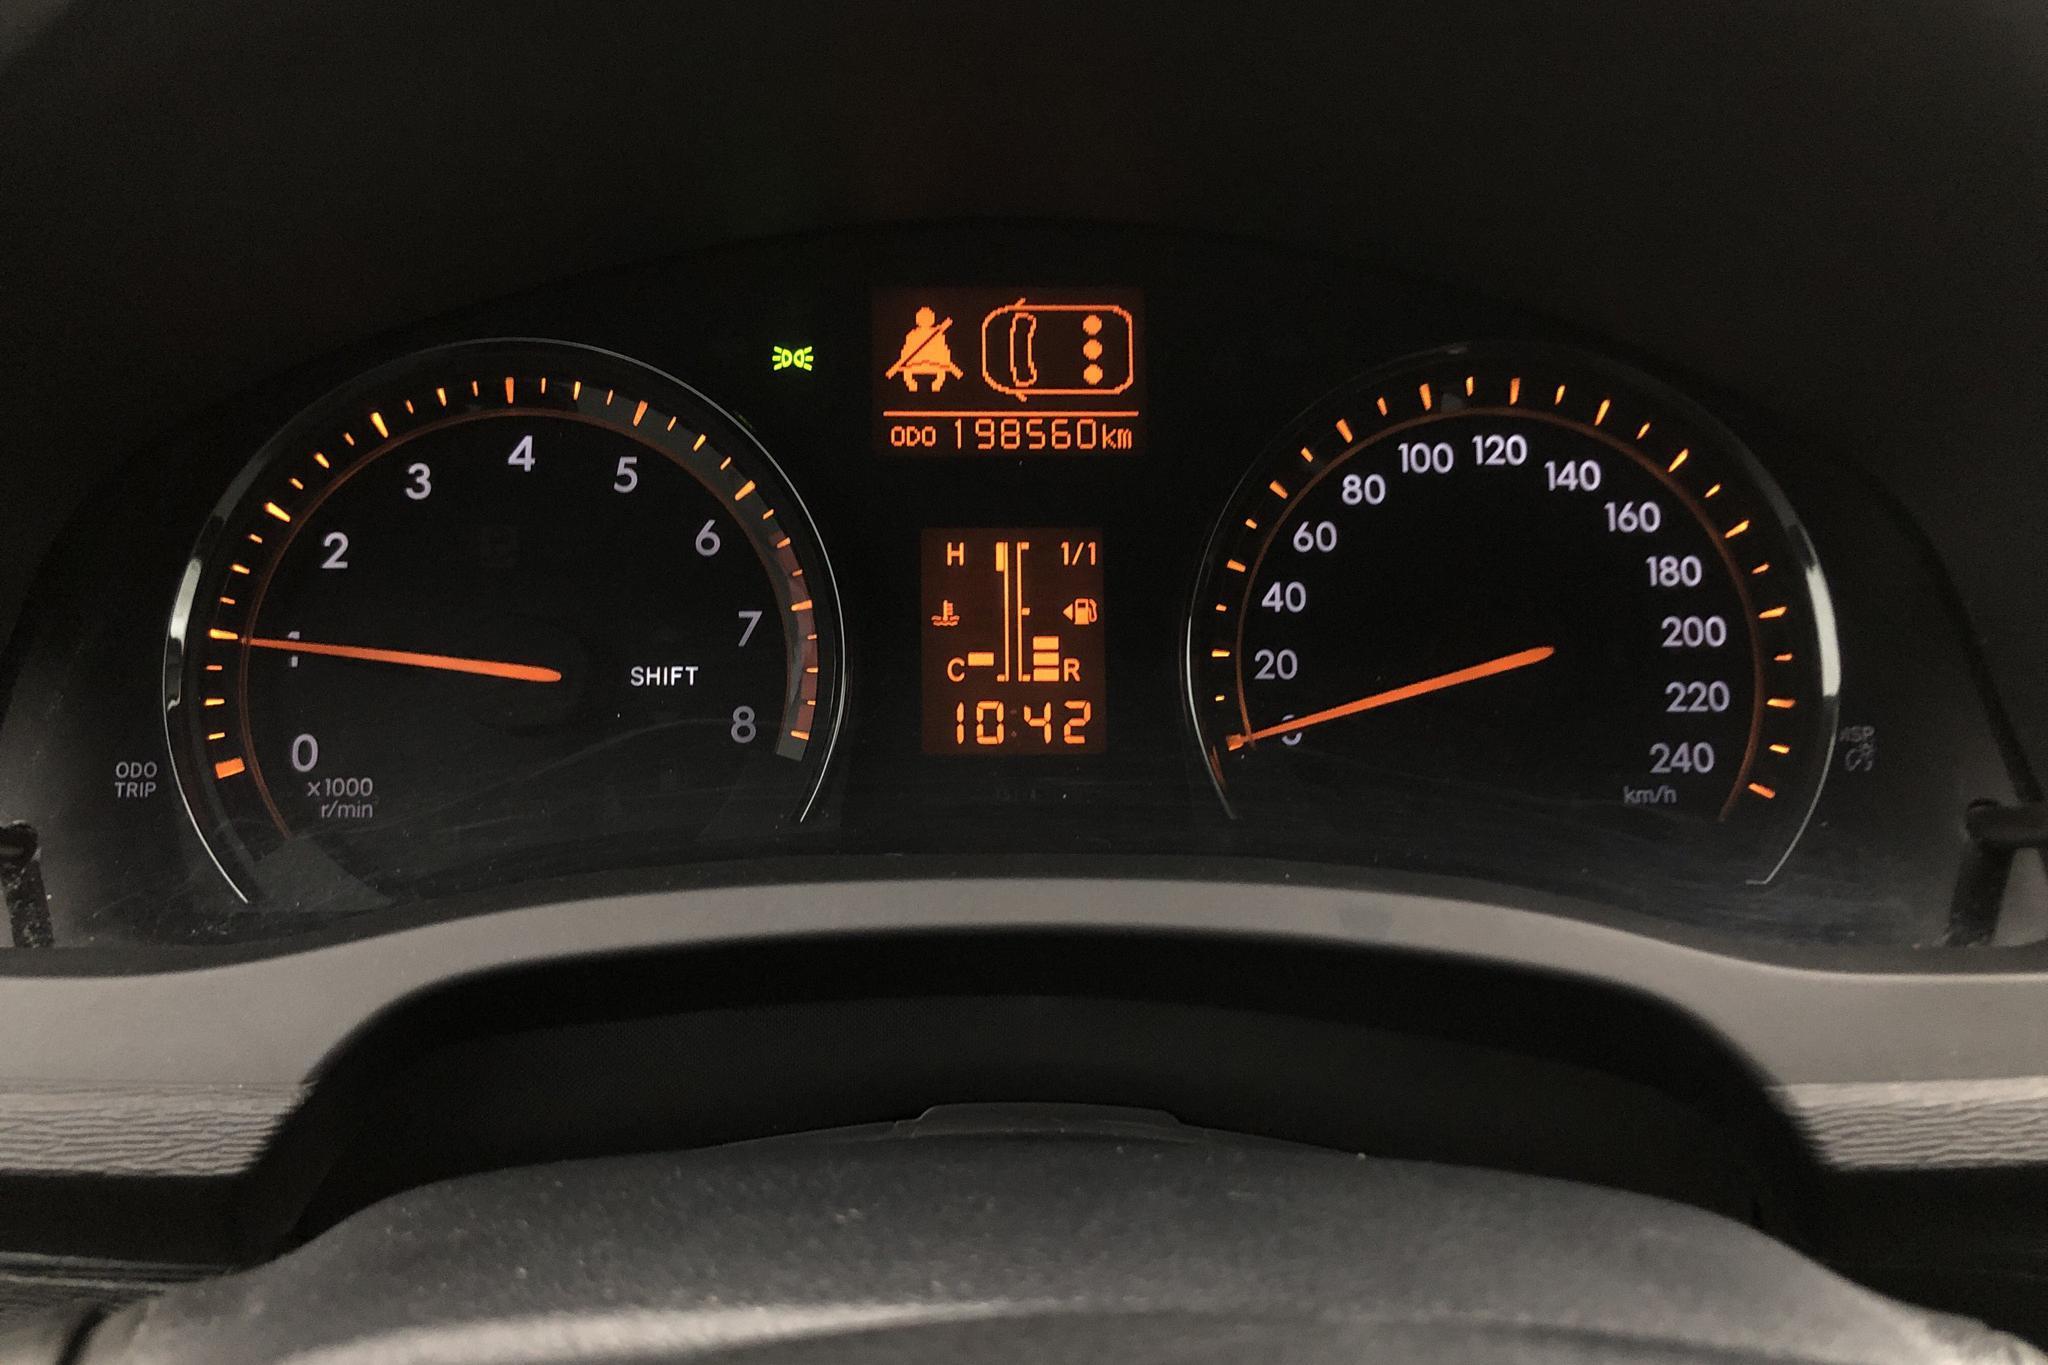 Toyota Avensis 2.0 Kombi (152hk) - 198 500 km - Manual - Dark Grey - 2009